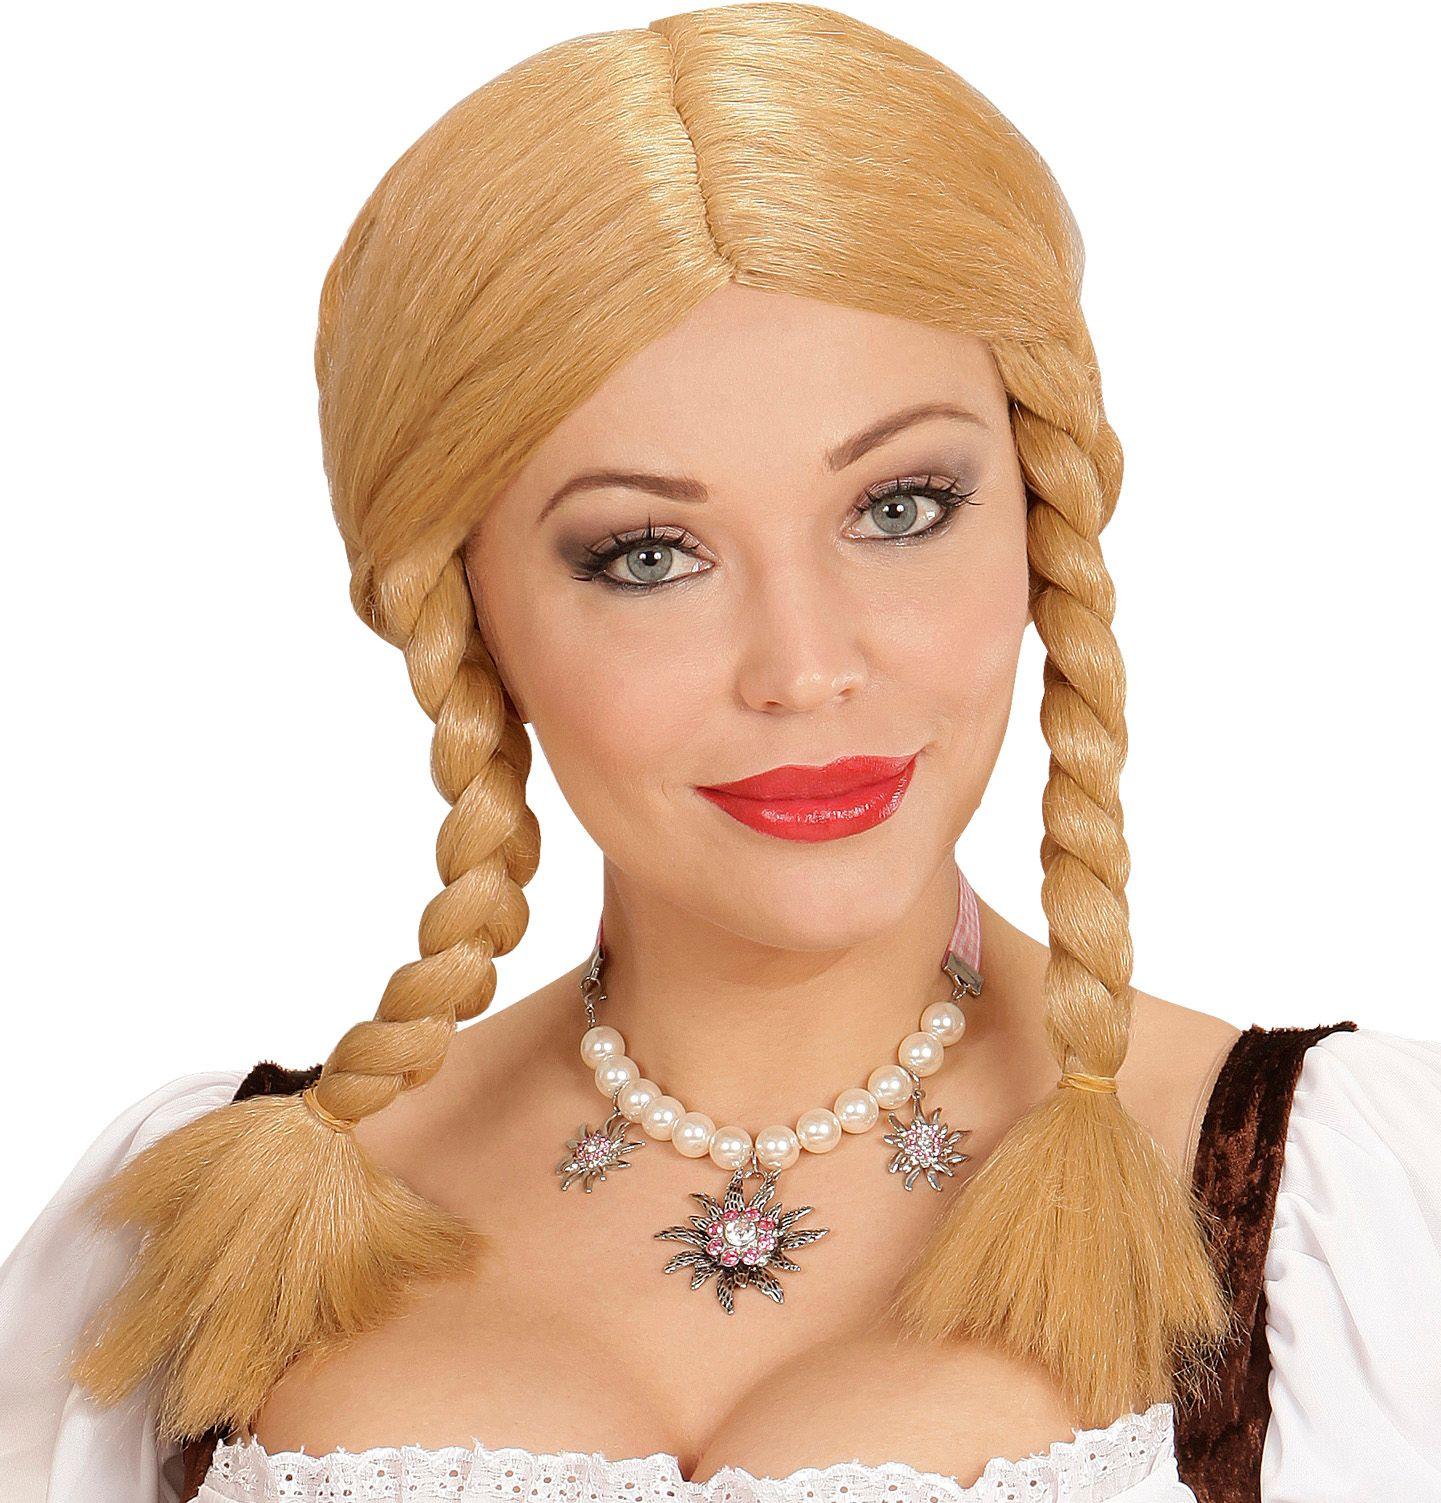 Blonde wendy pruik